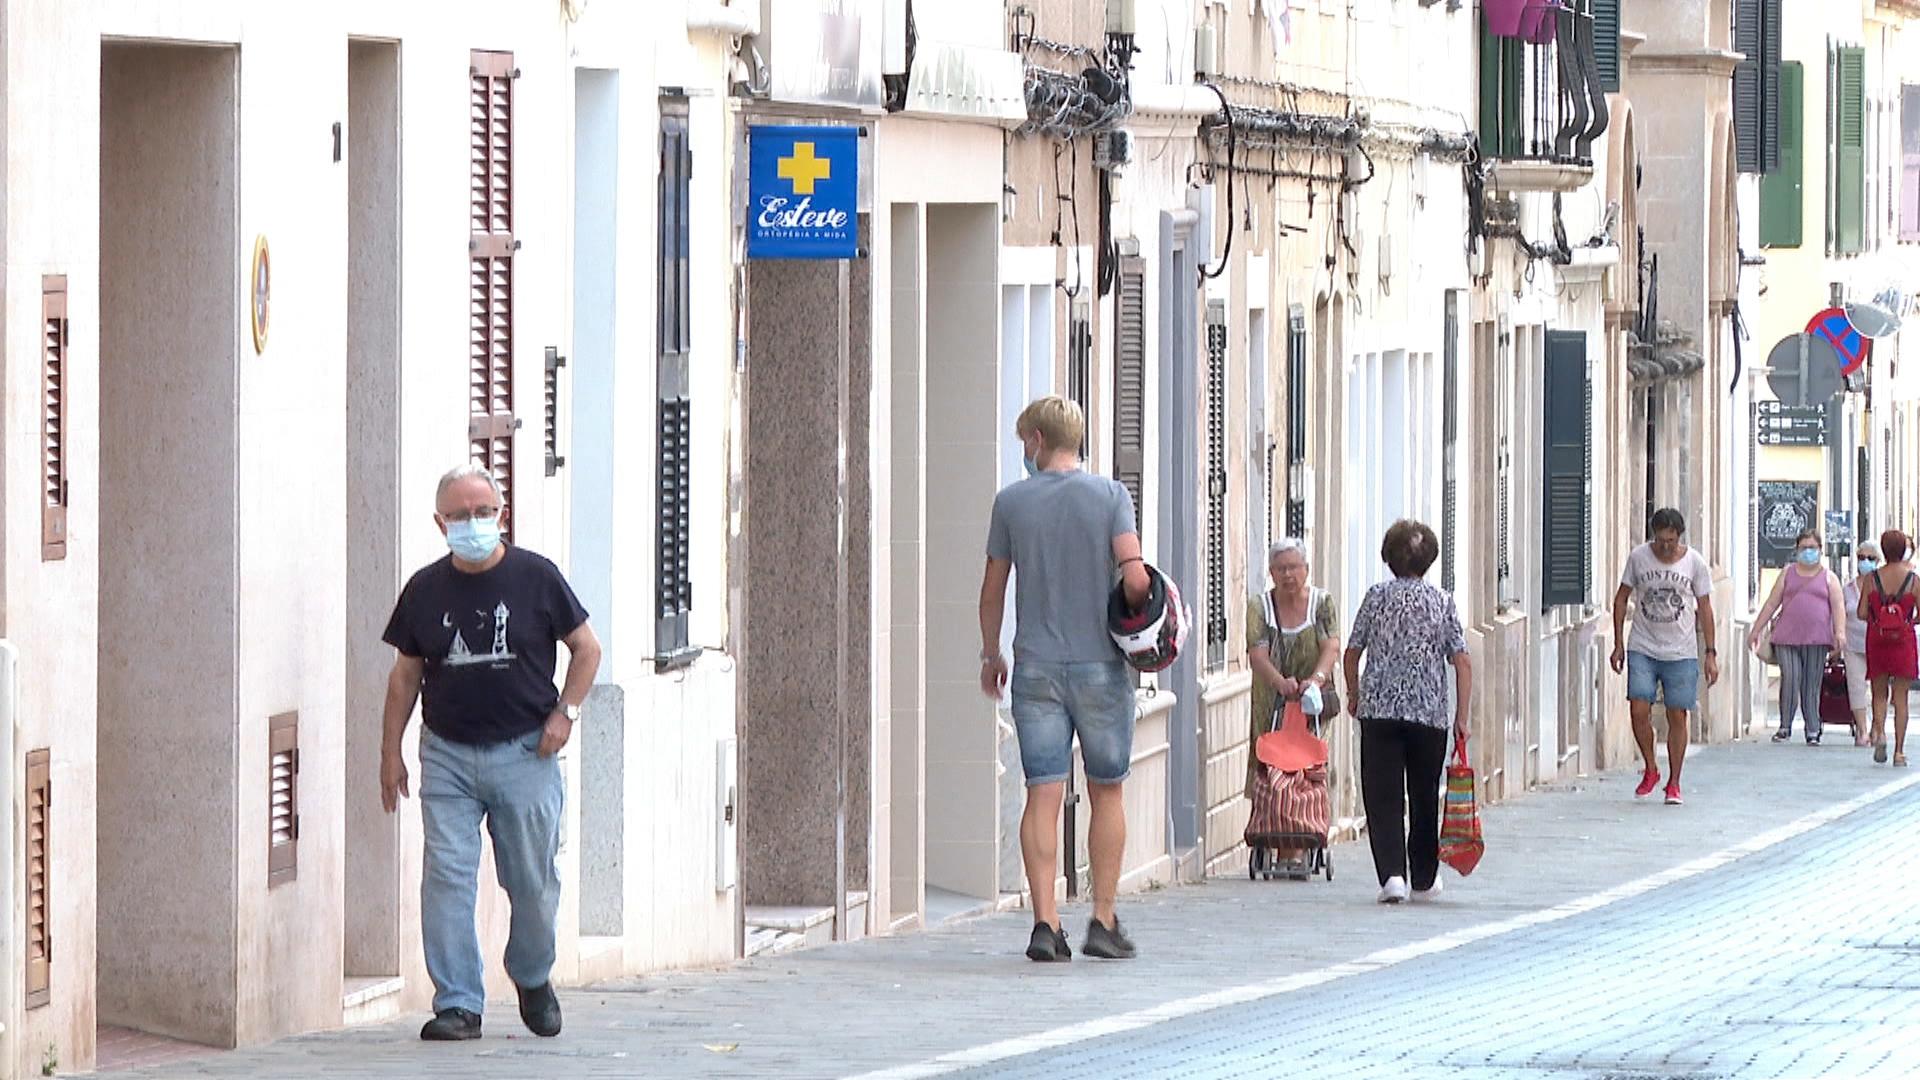 M%C3%A9s+demanda+que+oferta+d%26apos%3Bedificis+antics+als+centres+hist%C3%B2rics+de+Menorca